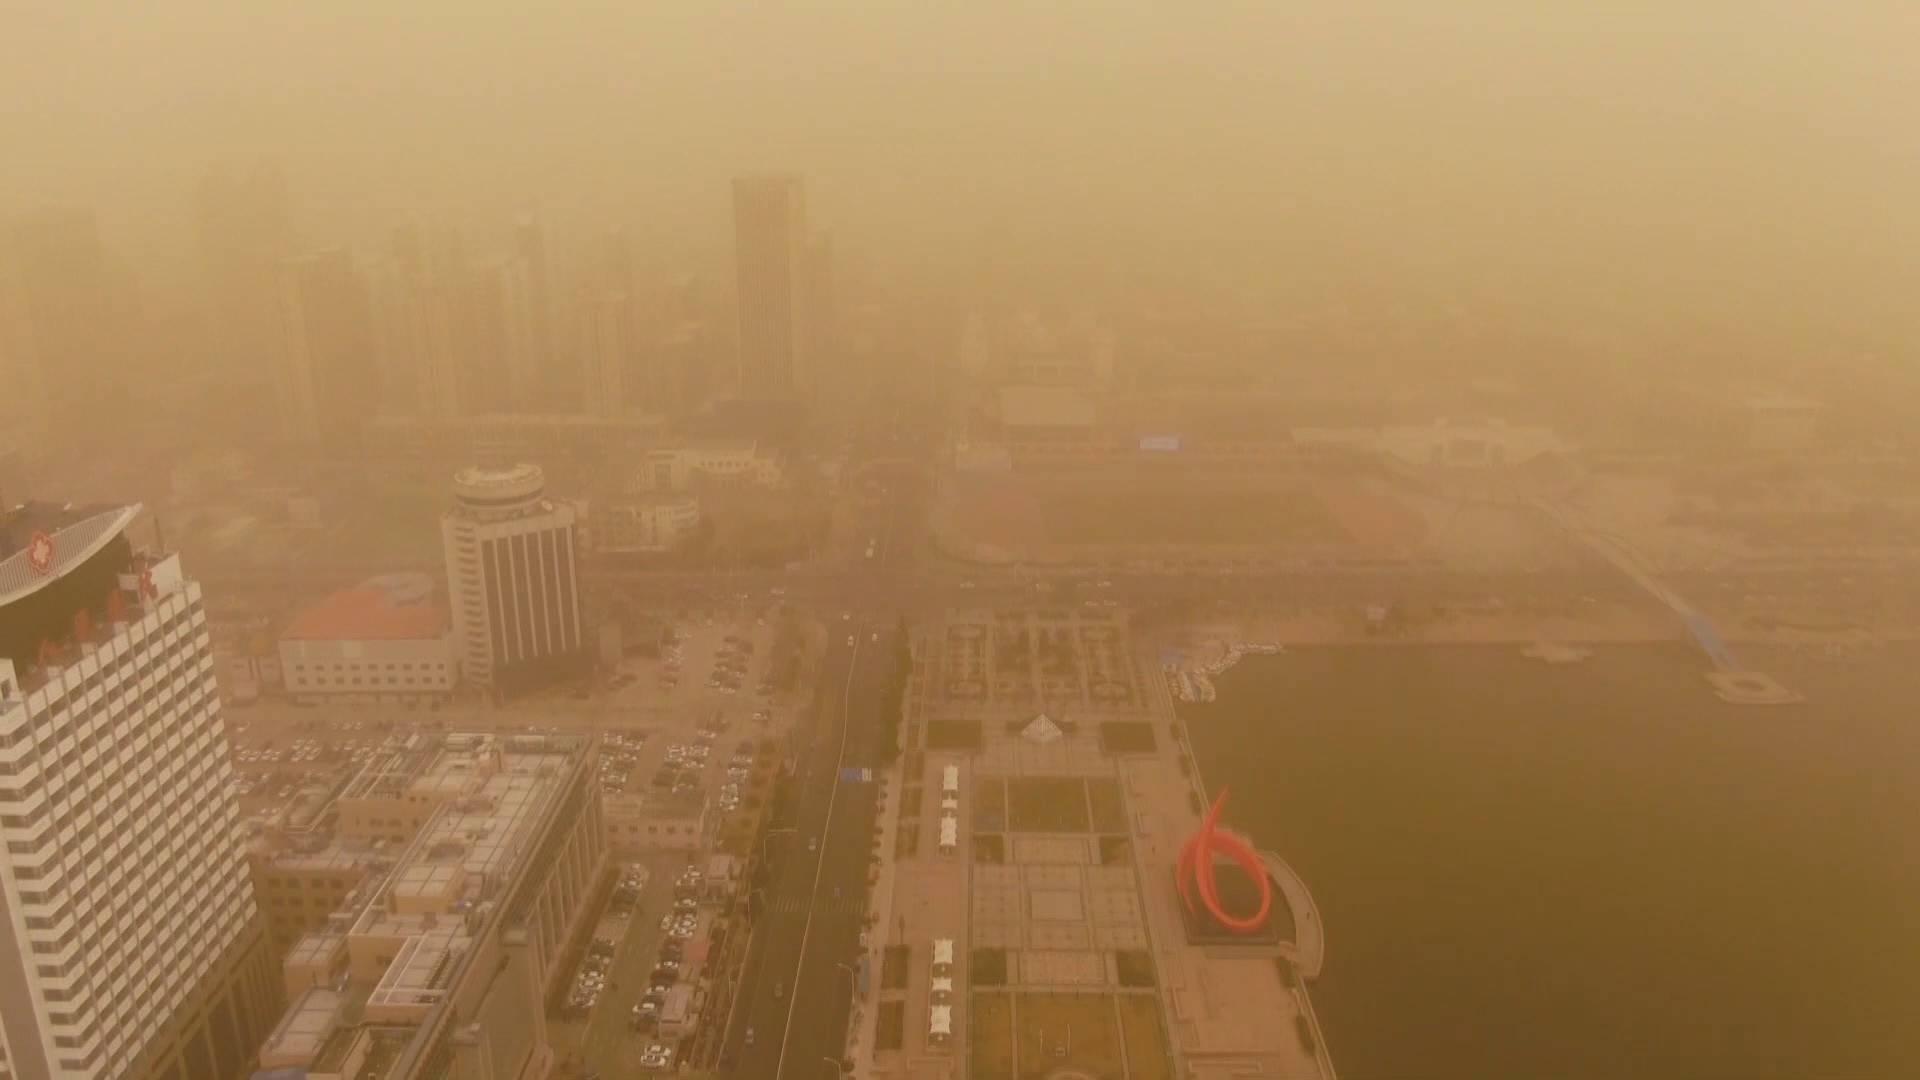 63秒丨德州出现沙尘暴天气 部分地区能见度不足1公里